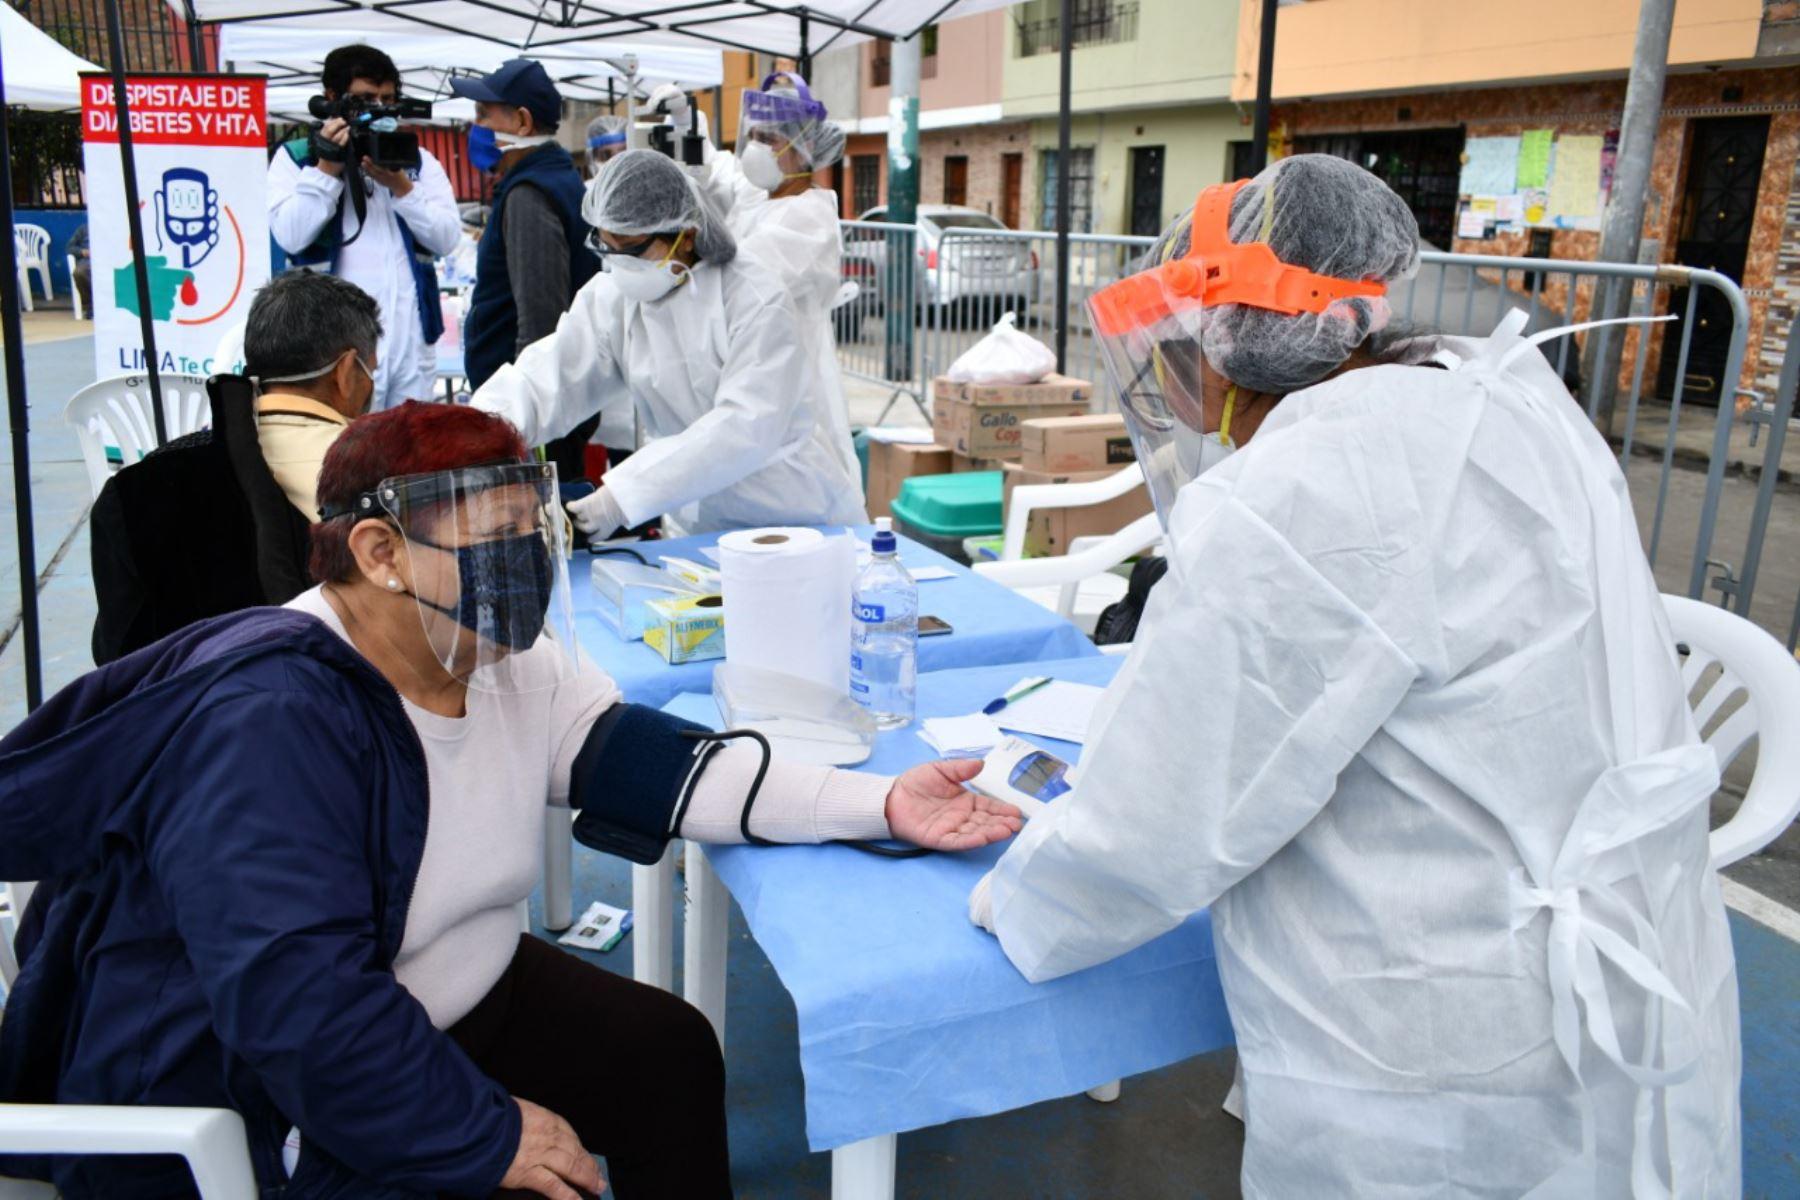 municipalidad-de-lima-ofrecera-campana-de-salud-gratuita-por-el-aniversario-de-la-ciudad